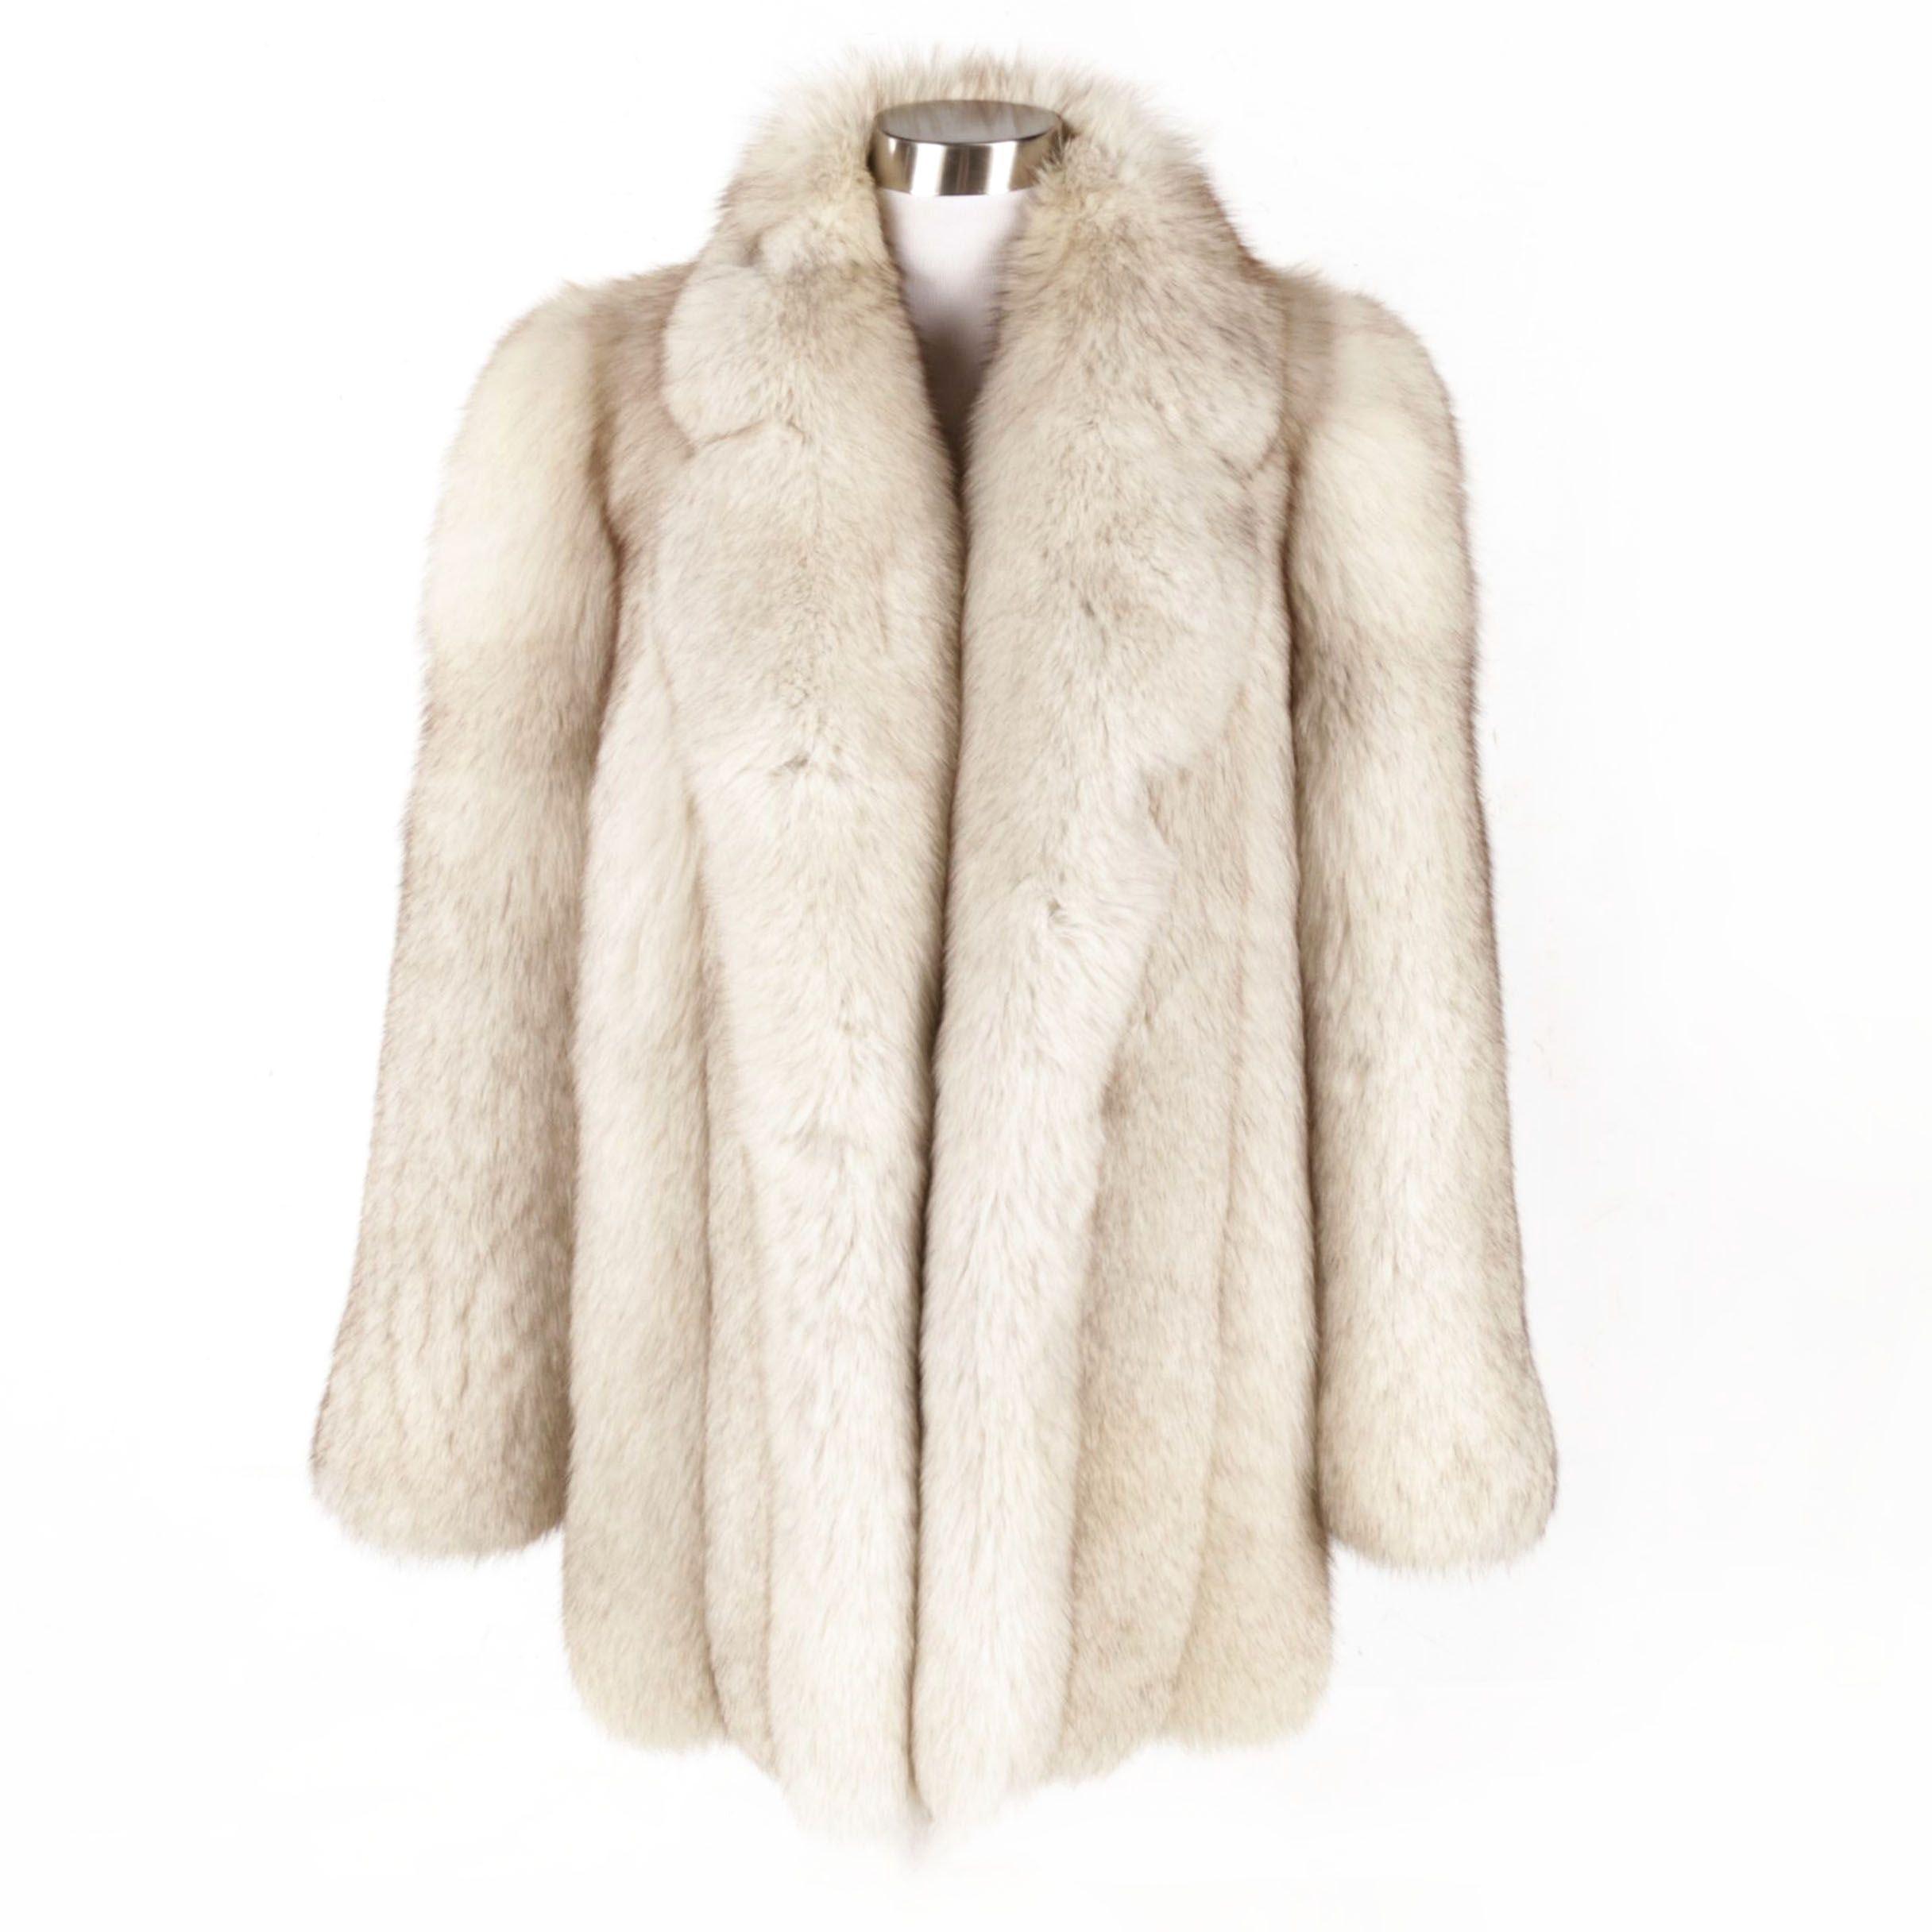 Women's Vintage Bill Blass Furs Fox Fur Coat